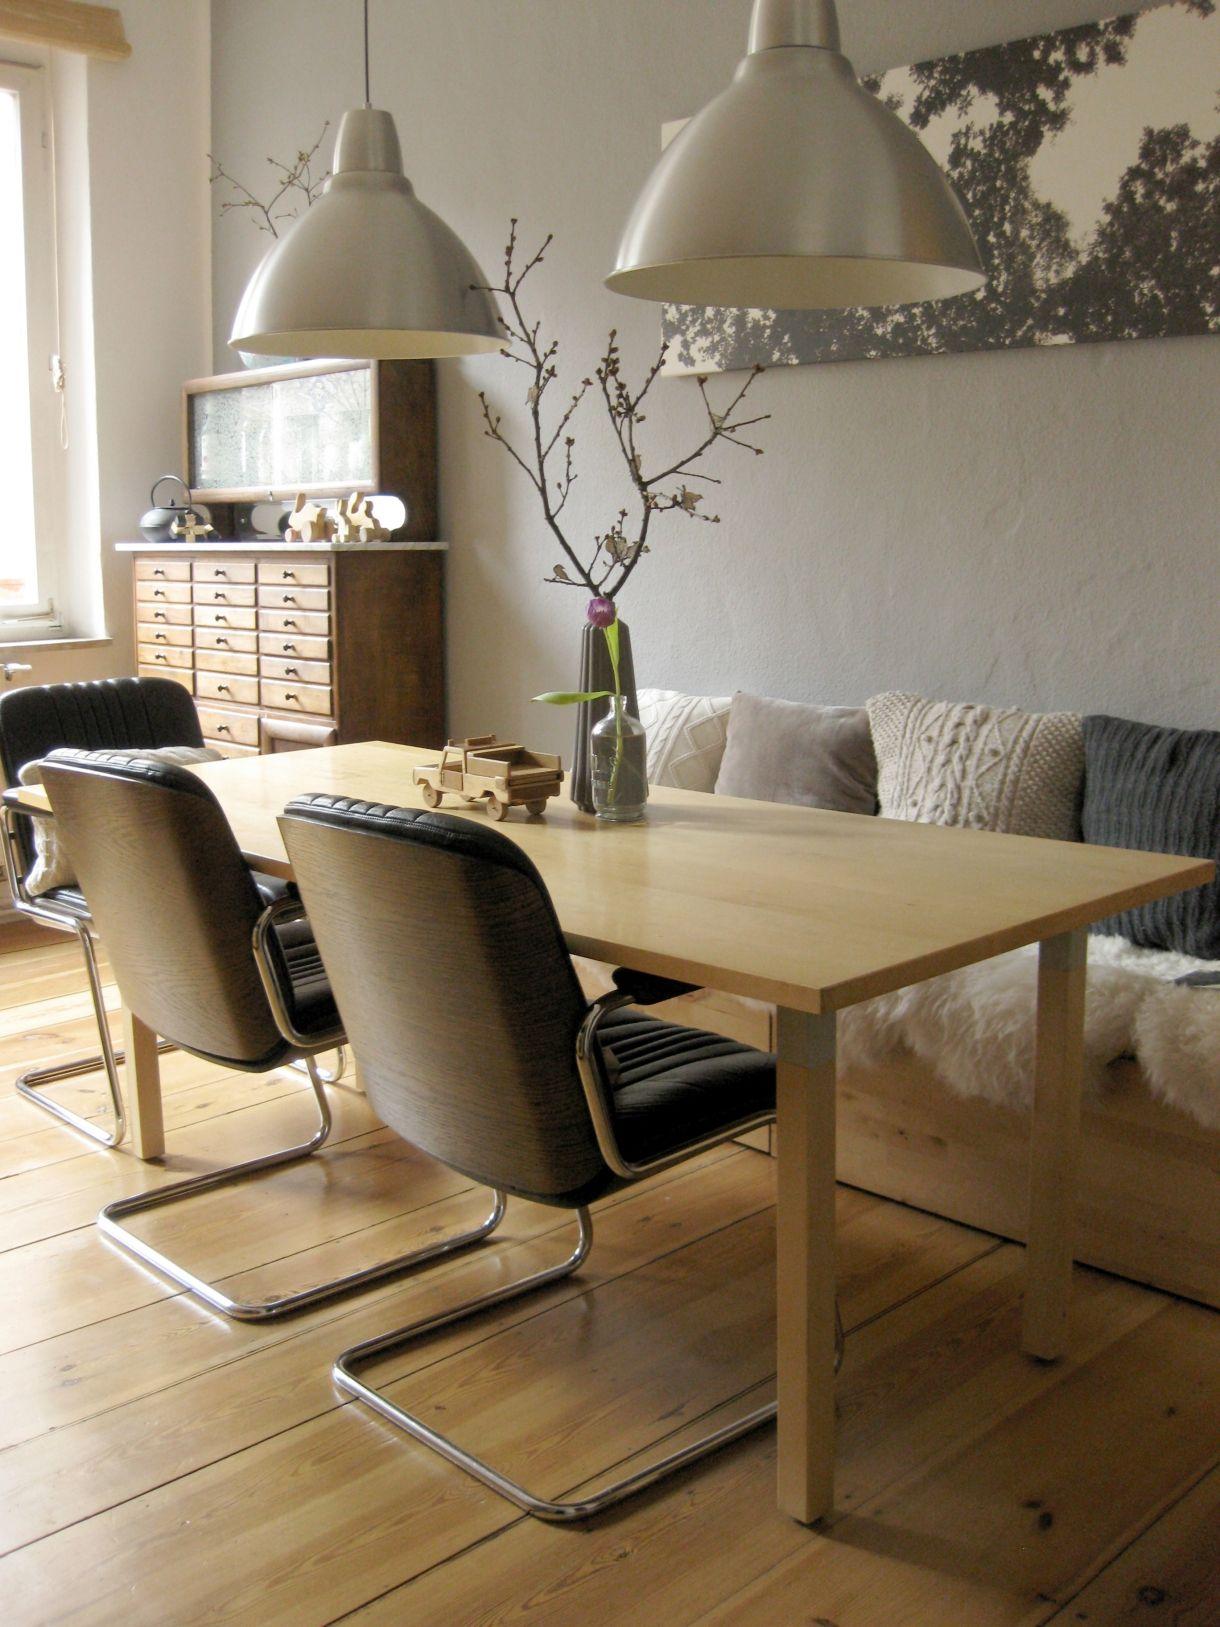 korbst hle esszimmer inspiration f r die. Black Bedroom Furniture Sets. Home Design Ideas